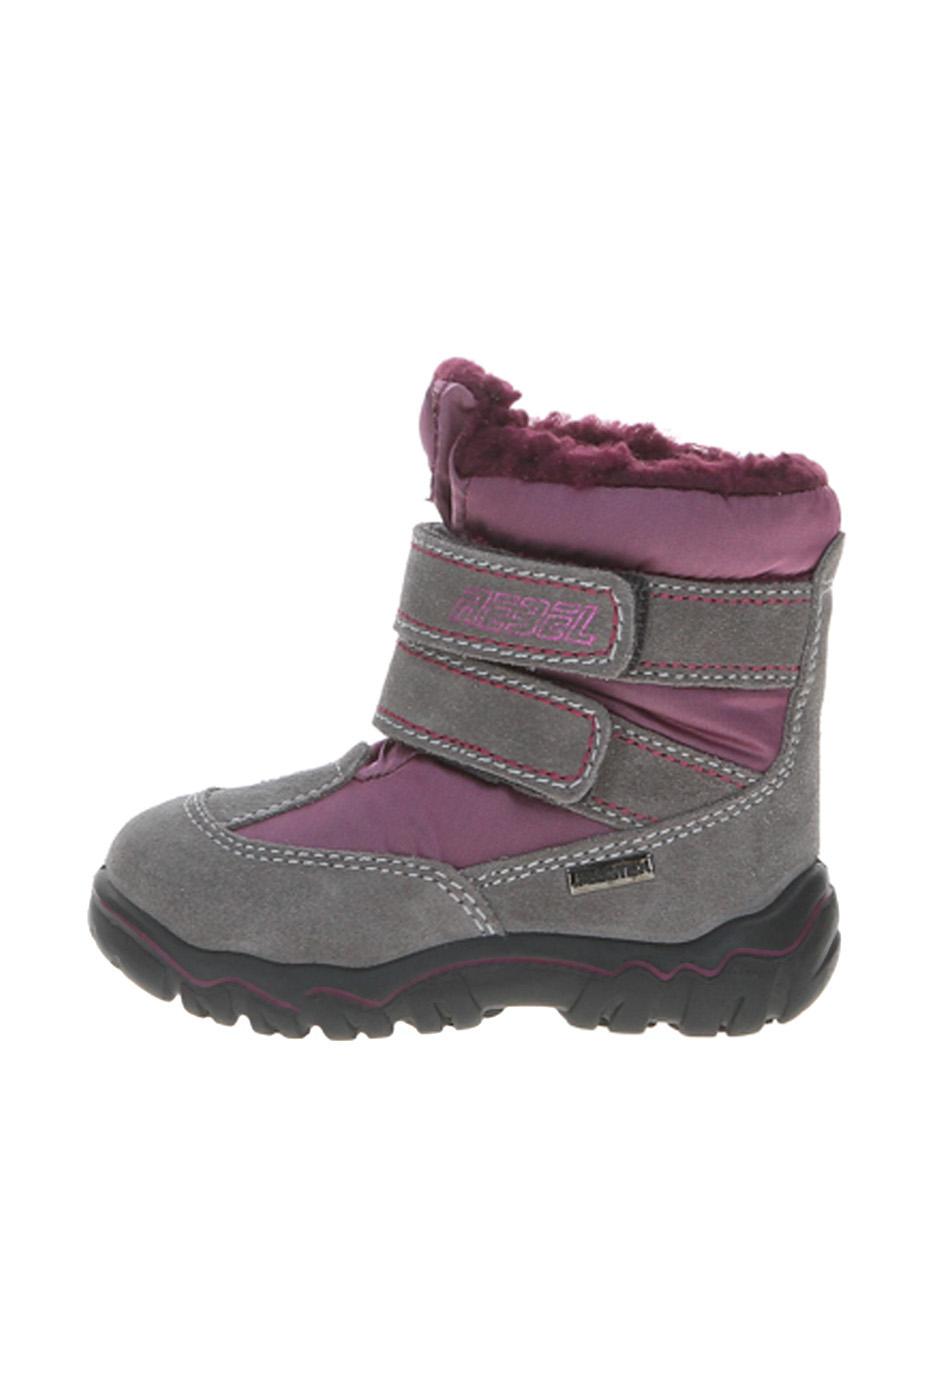 Ботинки детские IMAC, цв.серый р.21 84989 7087/006